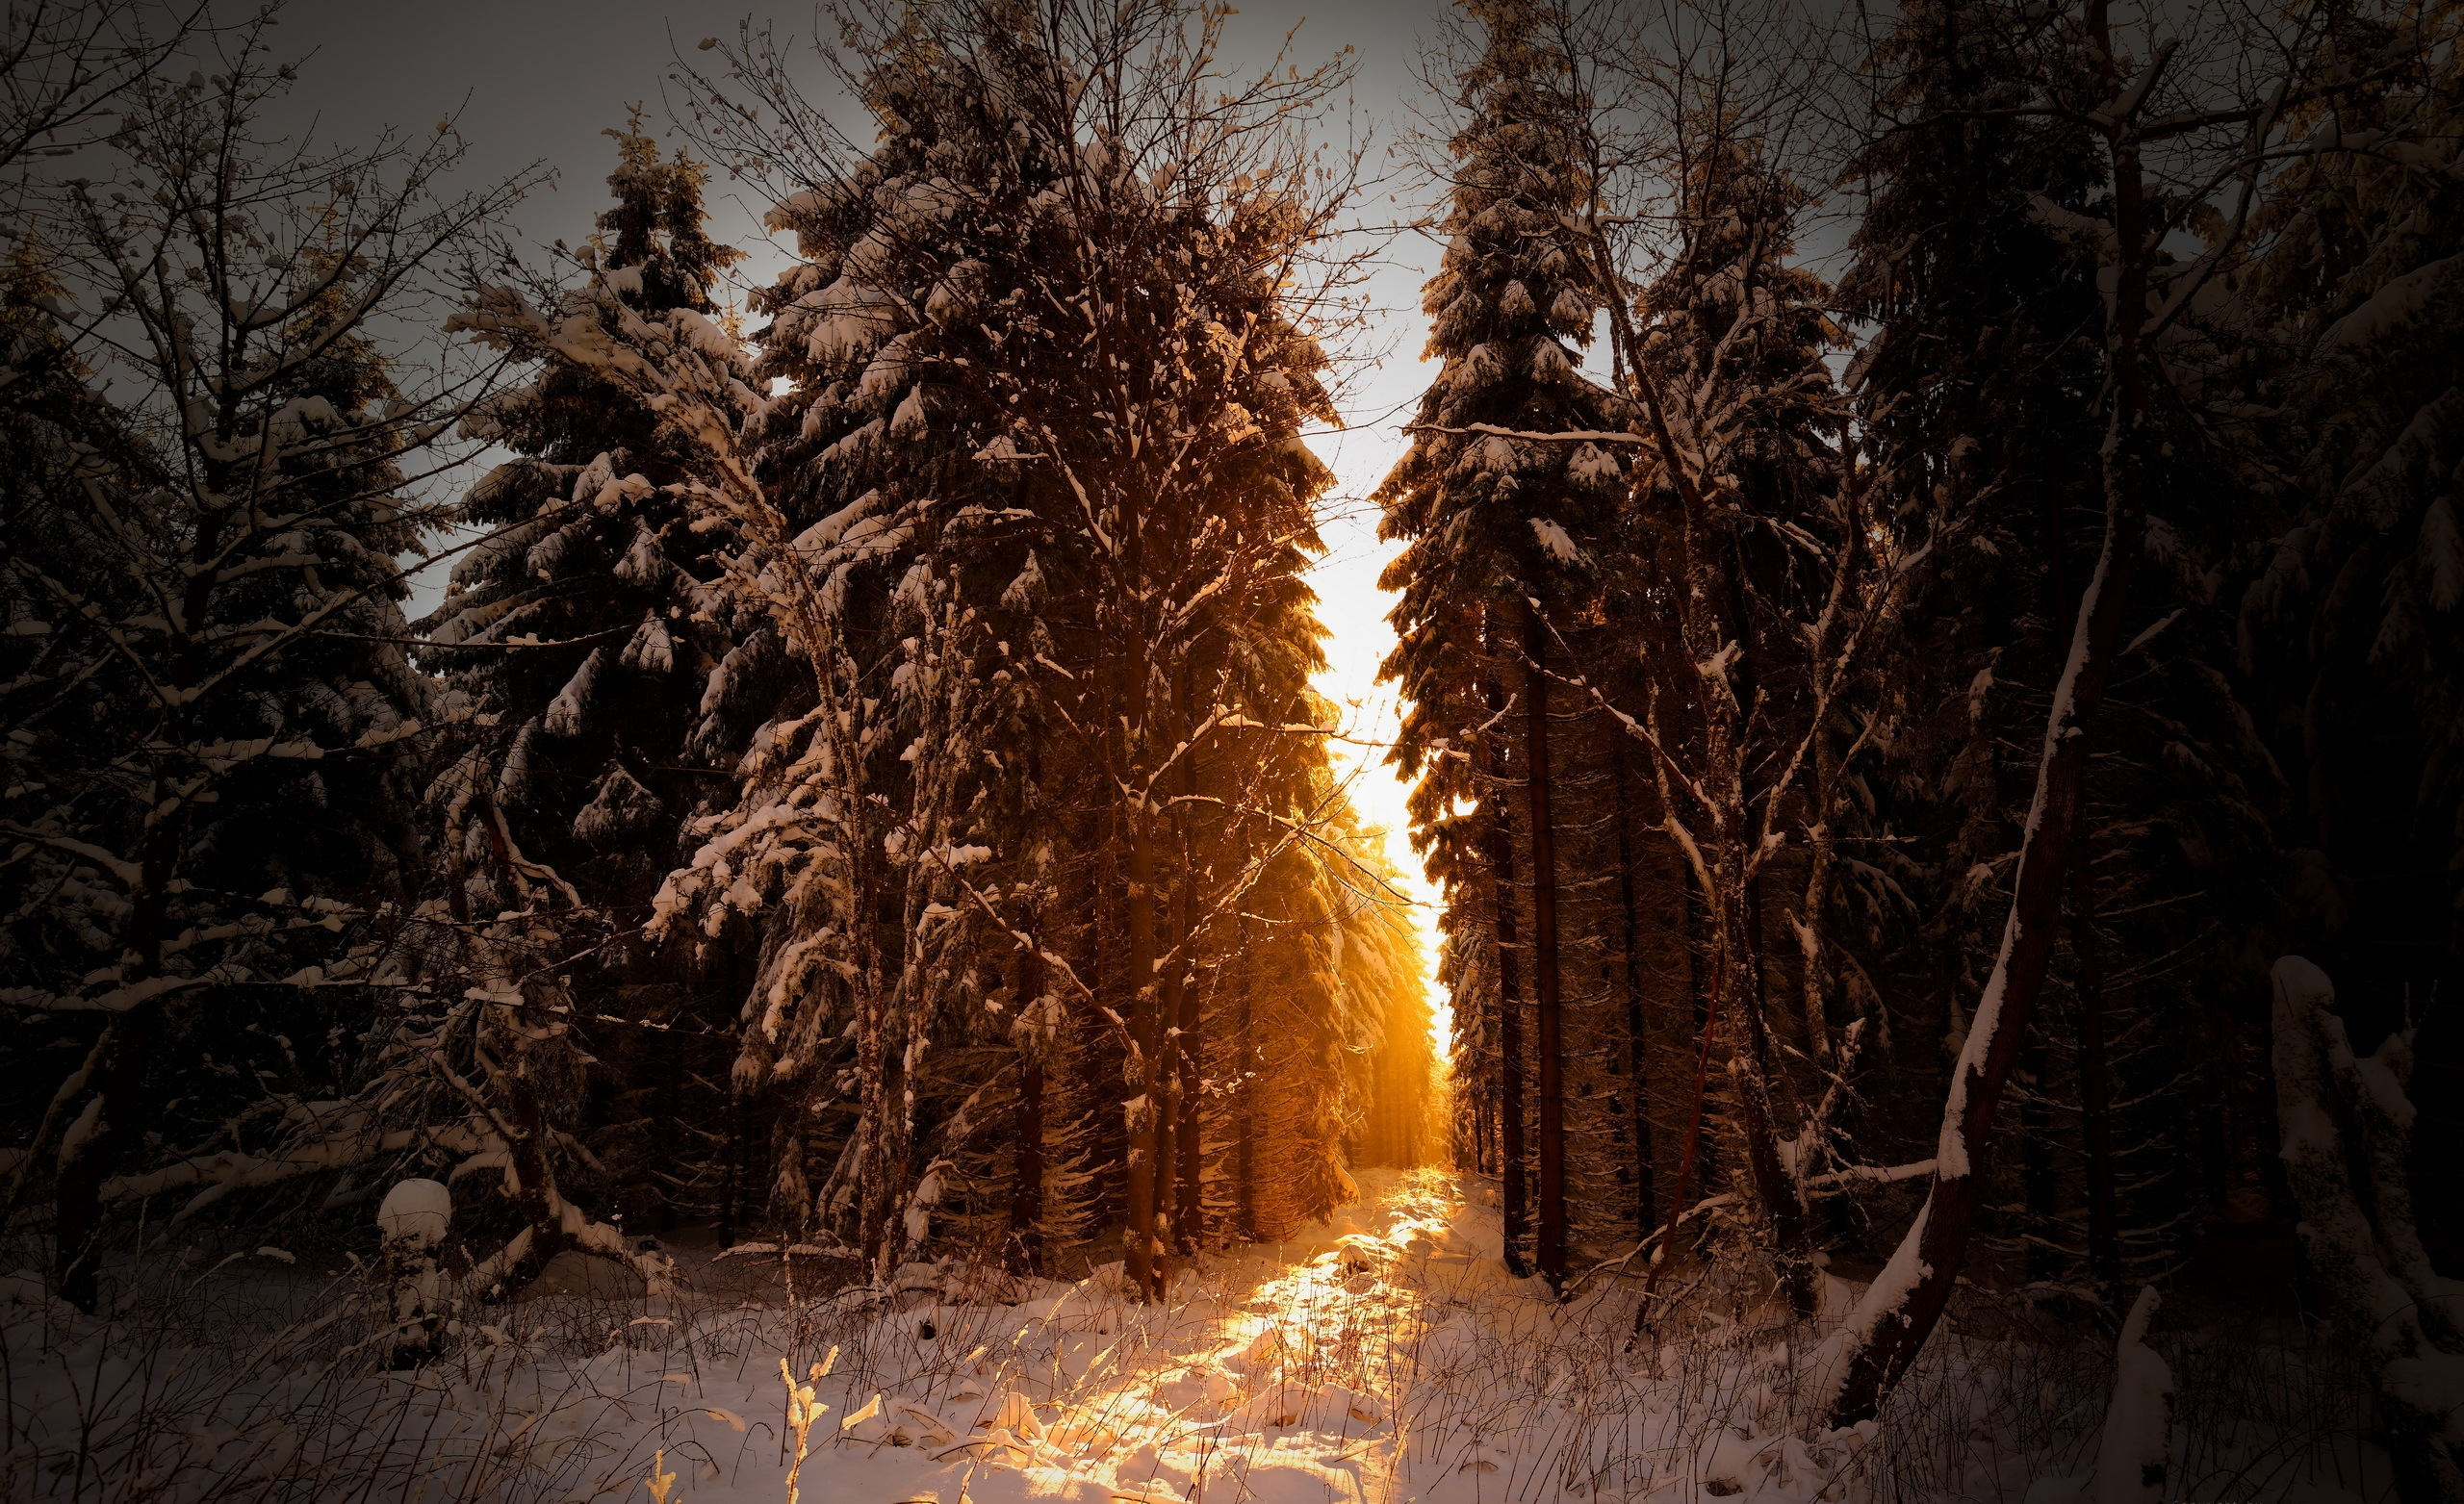 снег зима лучи деревья snow winter rays trees без смс